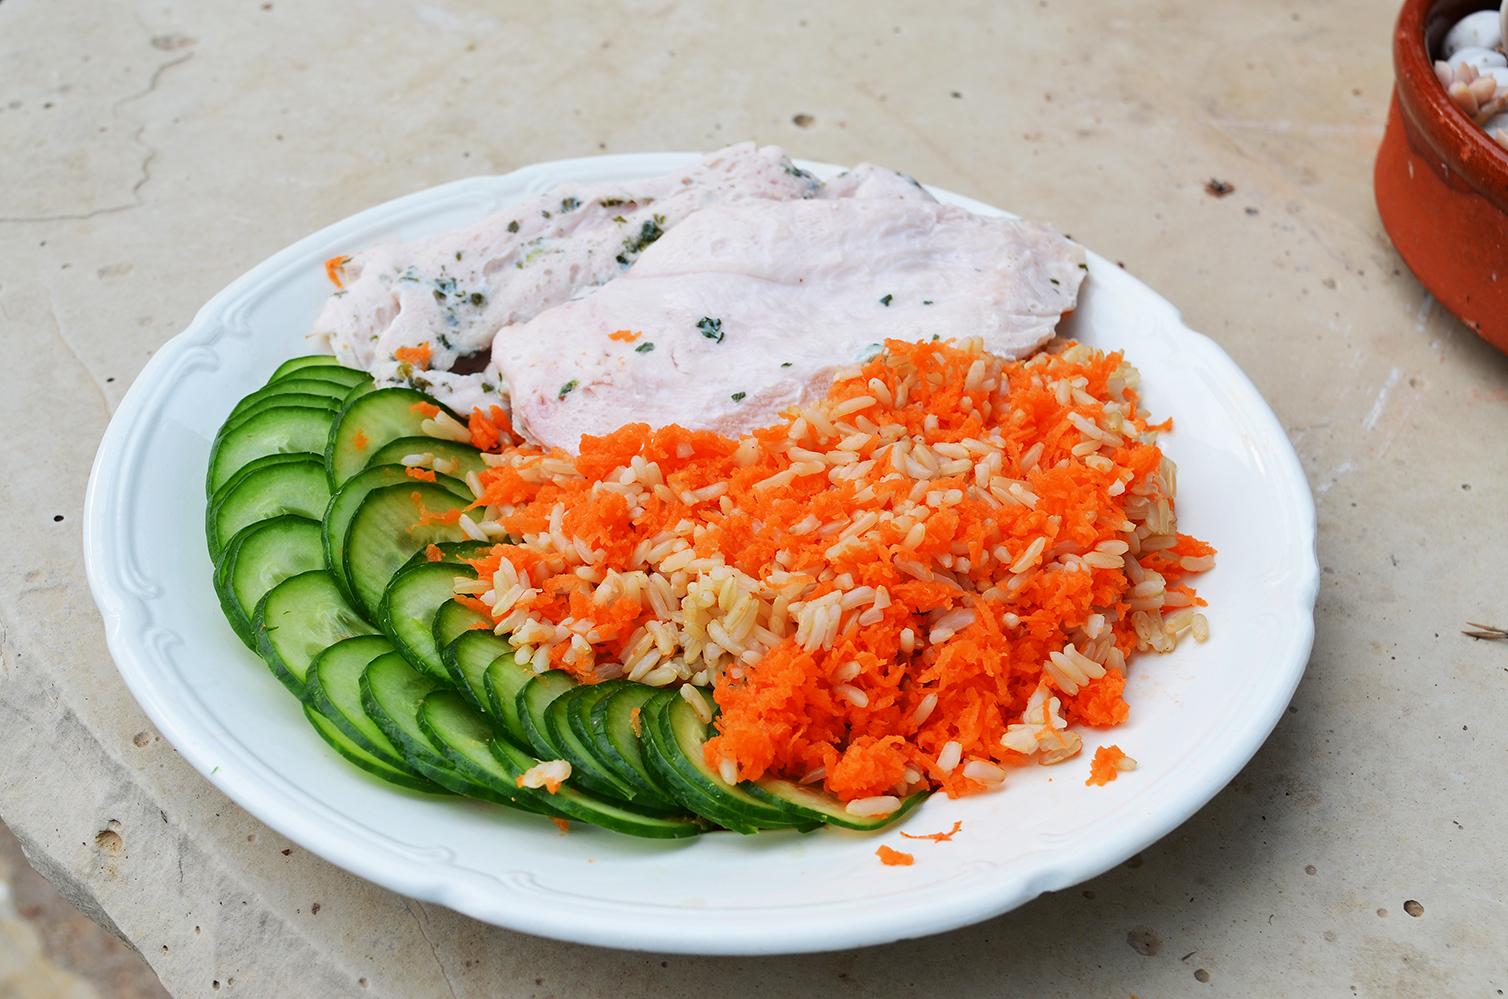 Posilek Po Treningu Zdrowy Obiad Piers Z Indyka Z Ryzem 698 Kcal